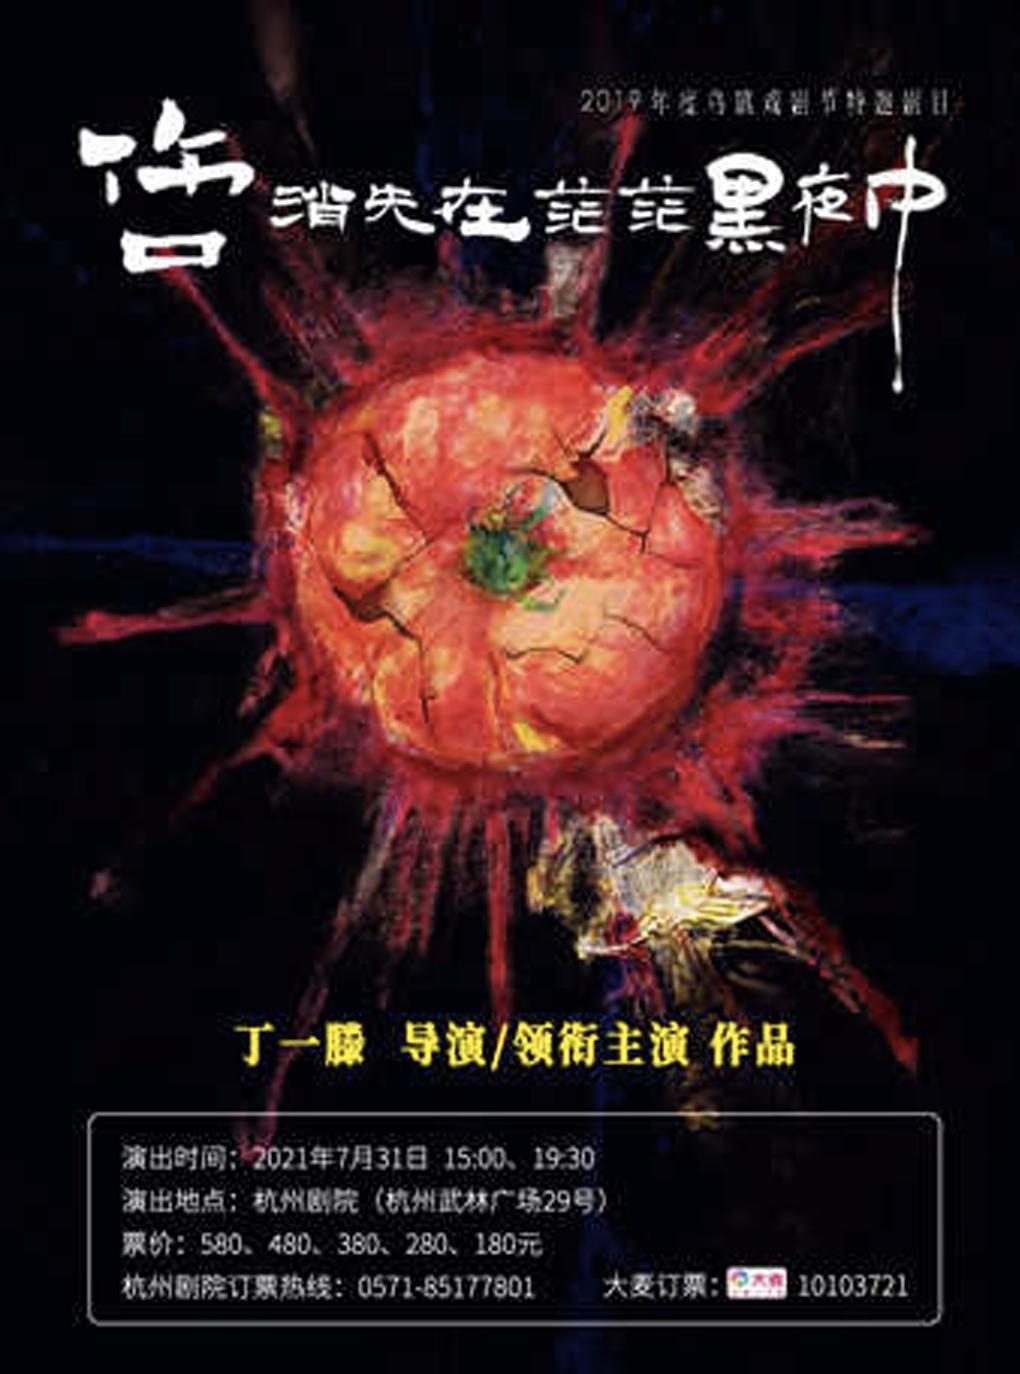 【杭州站】话剧《伤口消失在茫茫黑夜中》